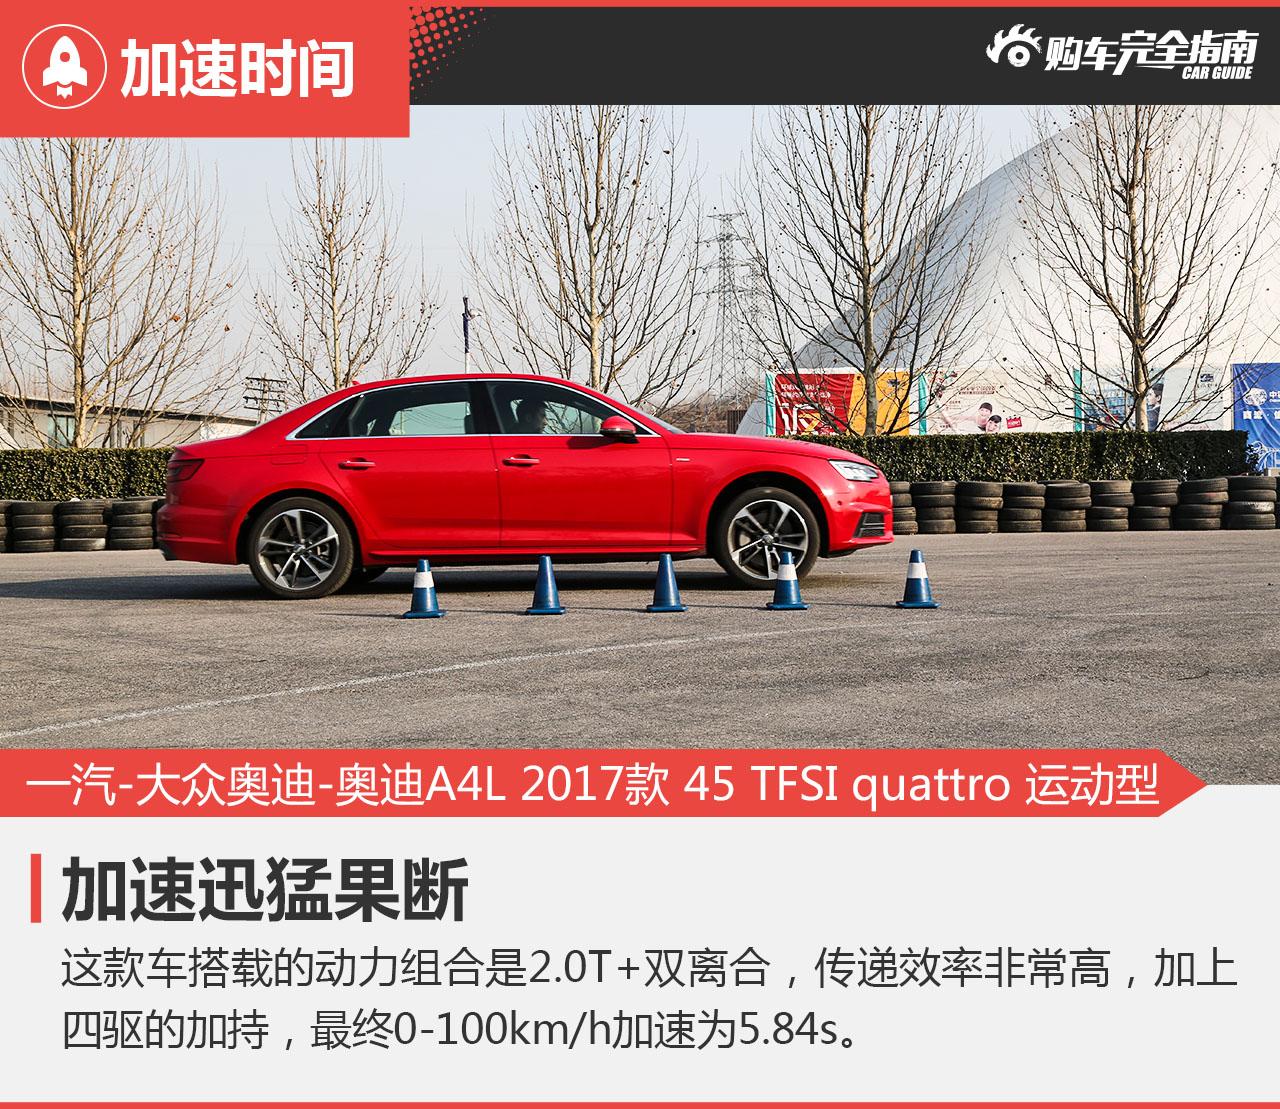 一汽-大众奥迪-奥迪A4L 2017款 45 TFSI quattro 运动型